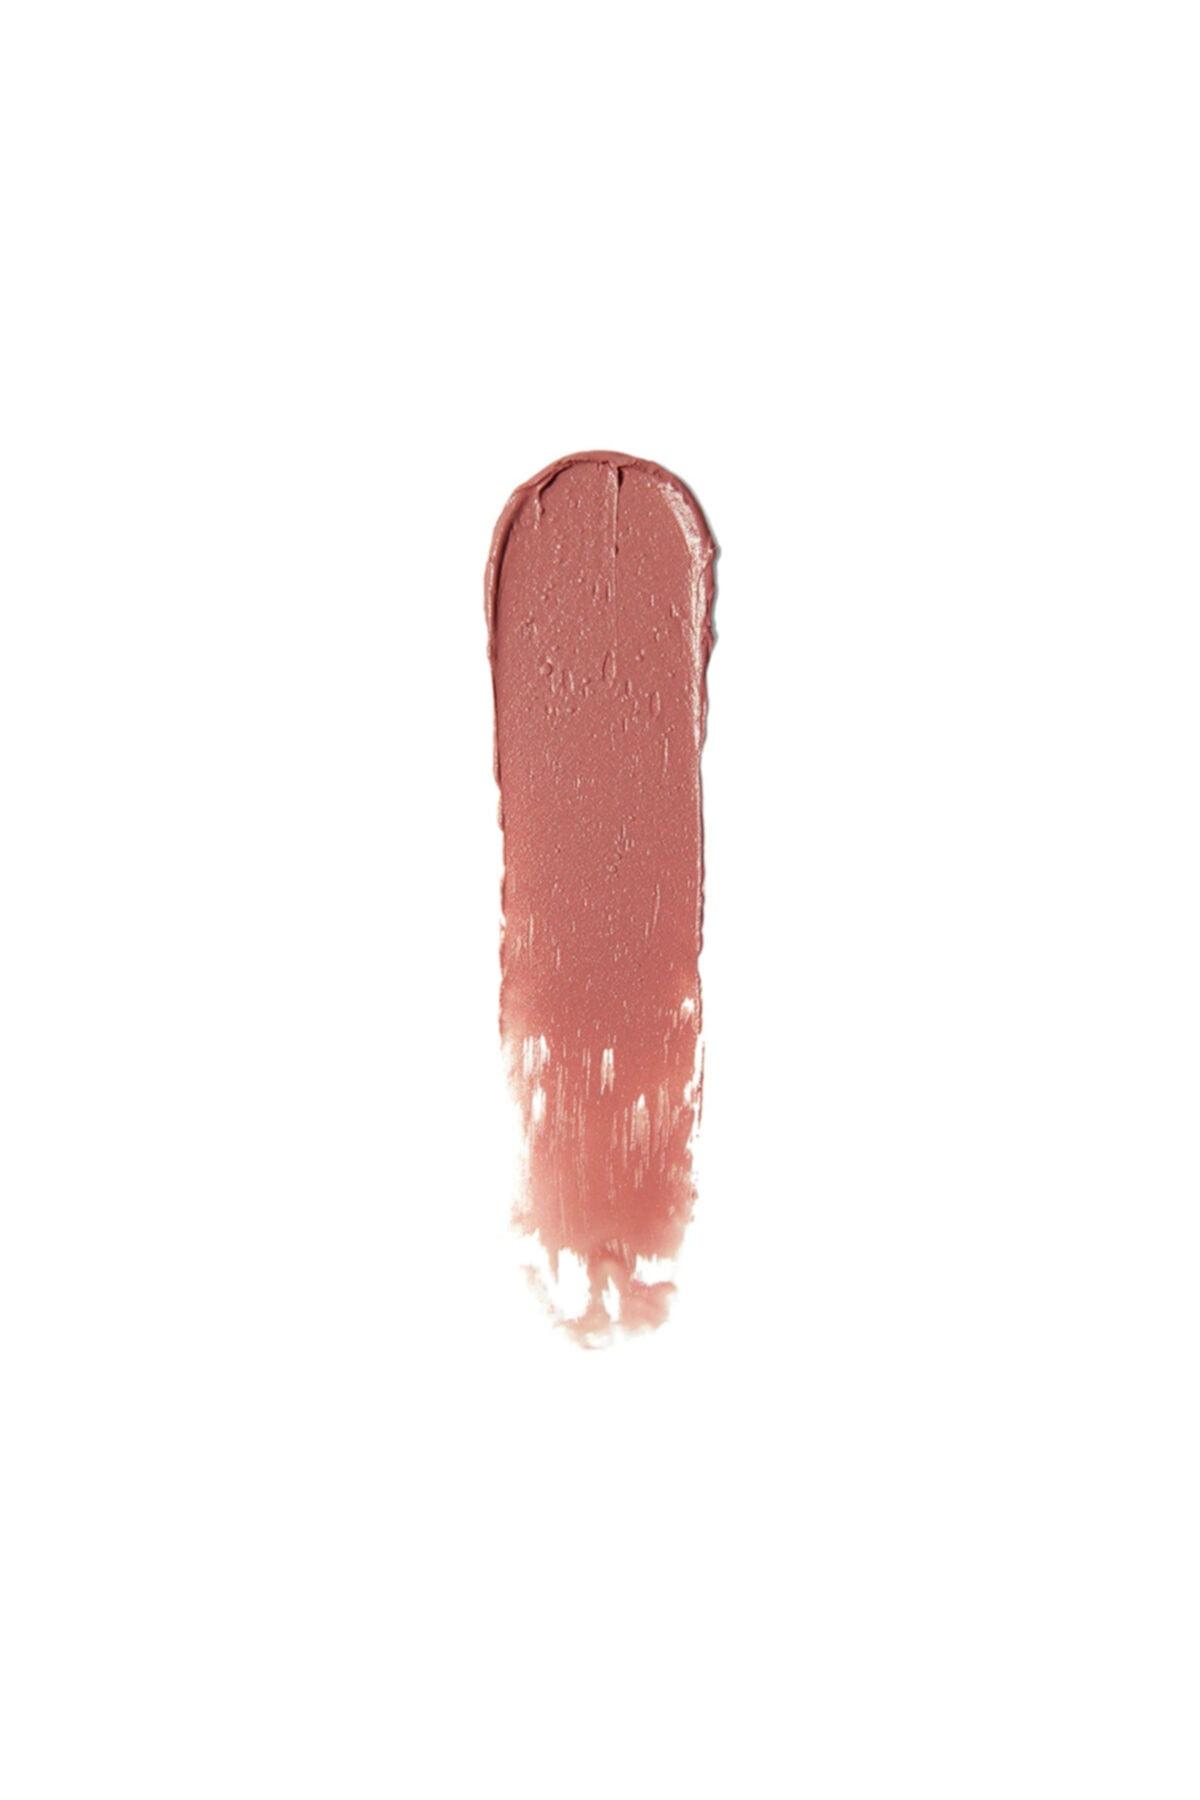 BOBBI BROWN Crushed Lip Color / Ruj Fh17 716170237879 2